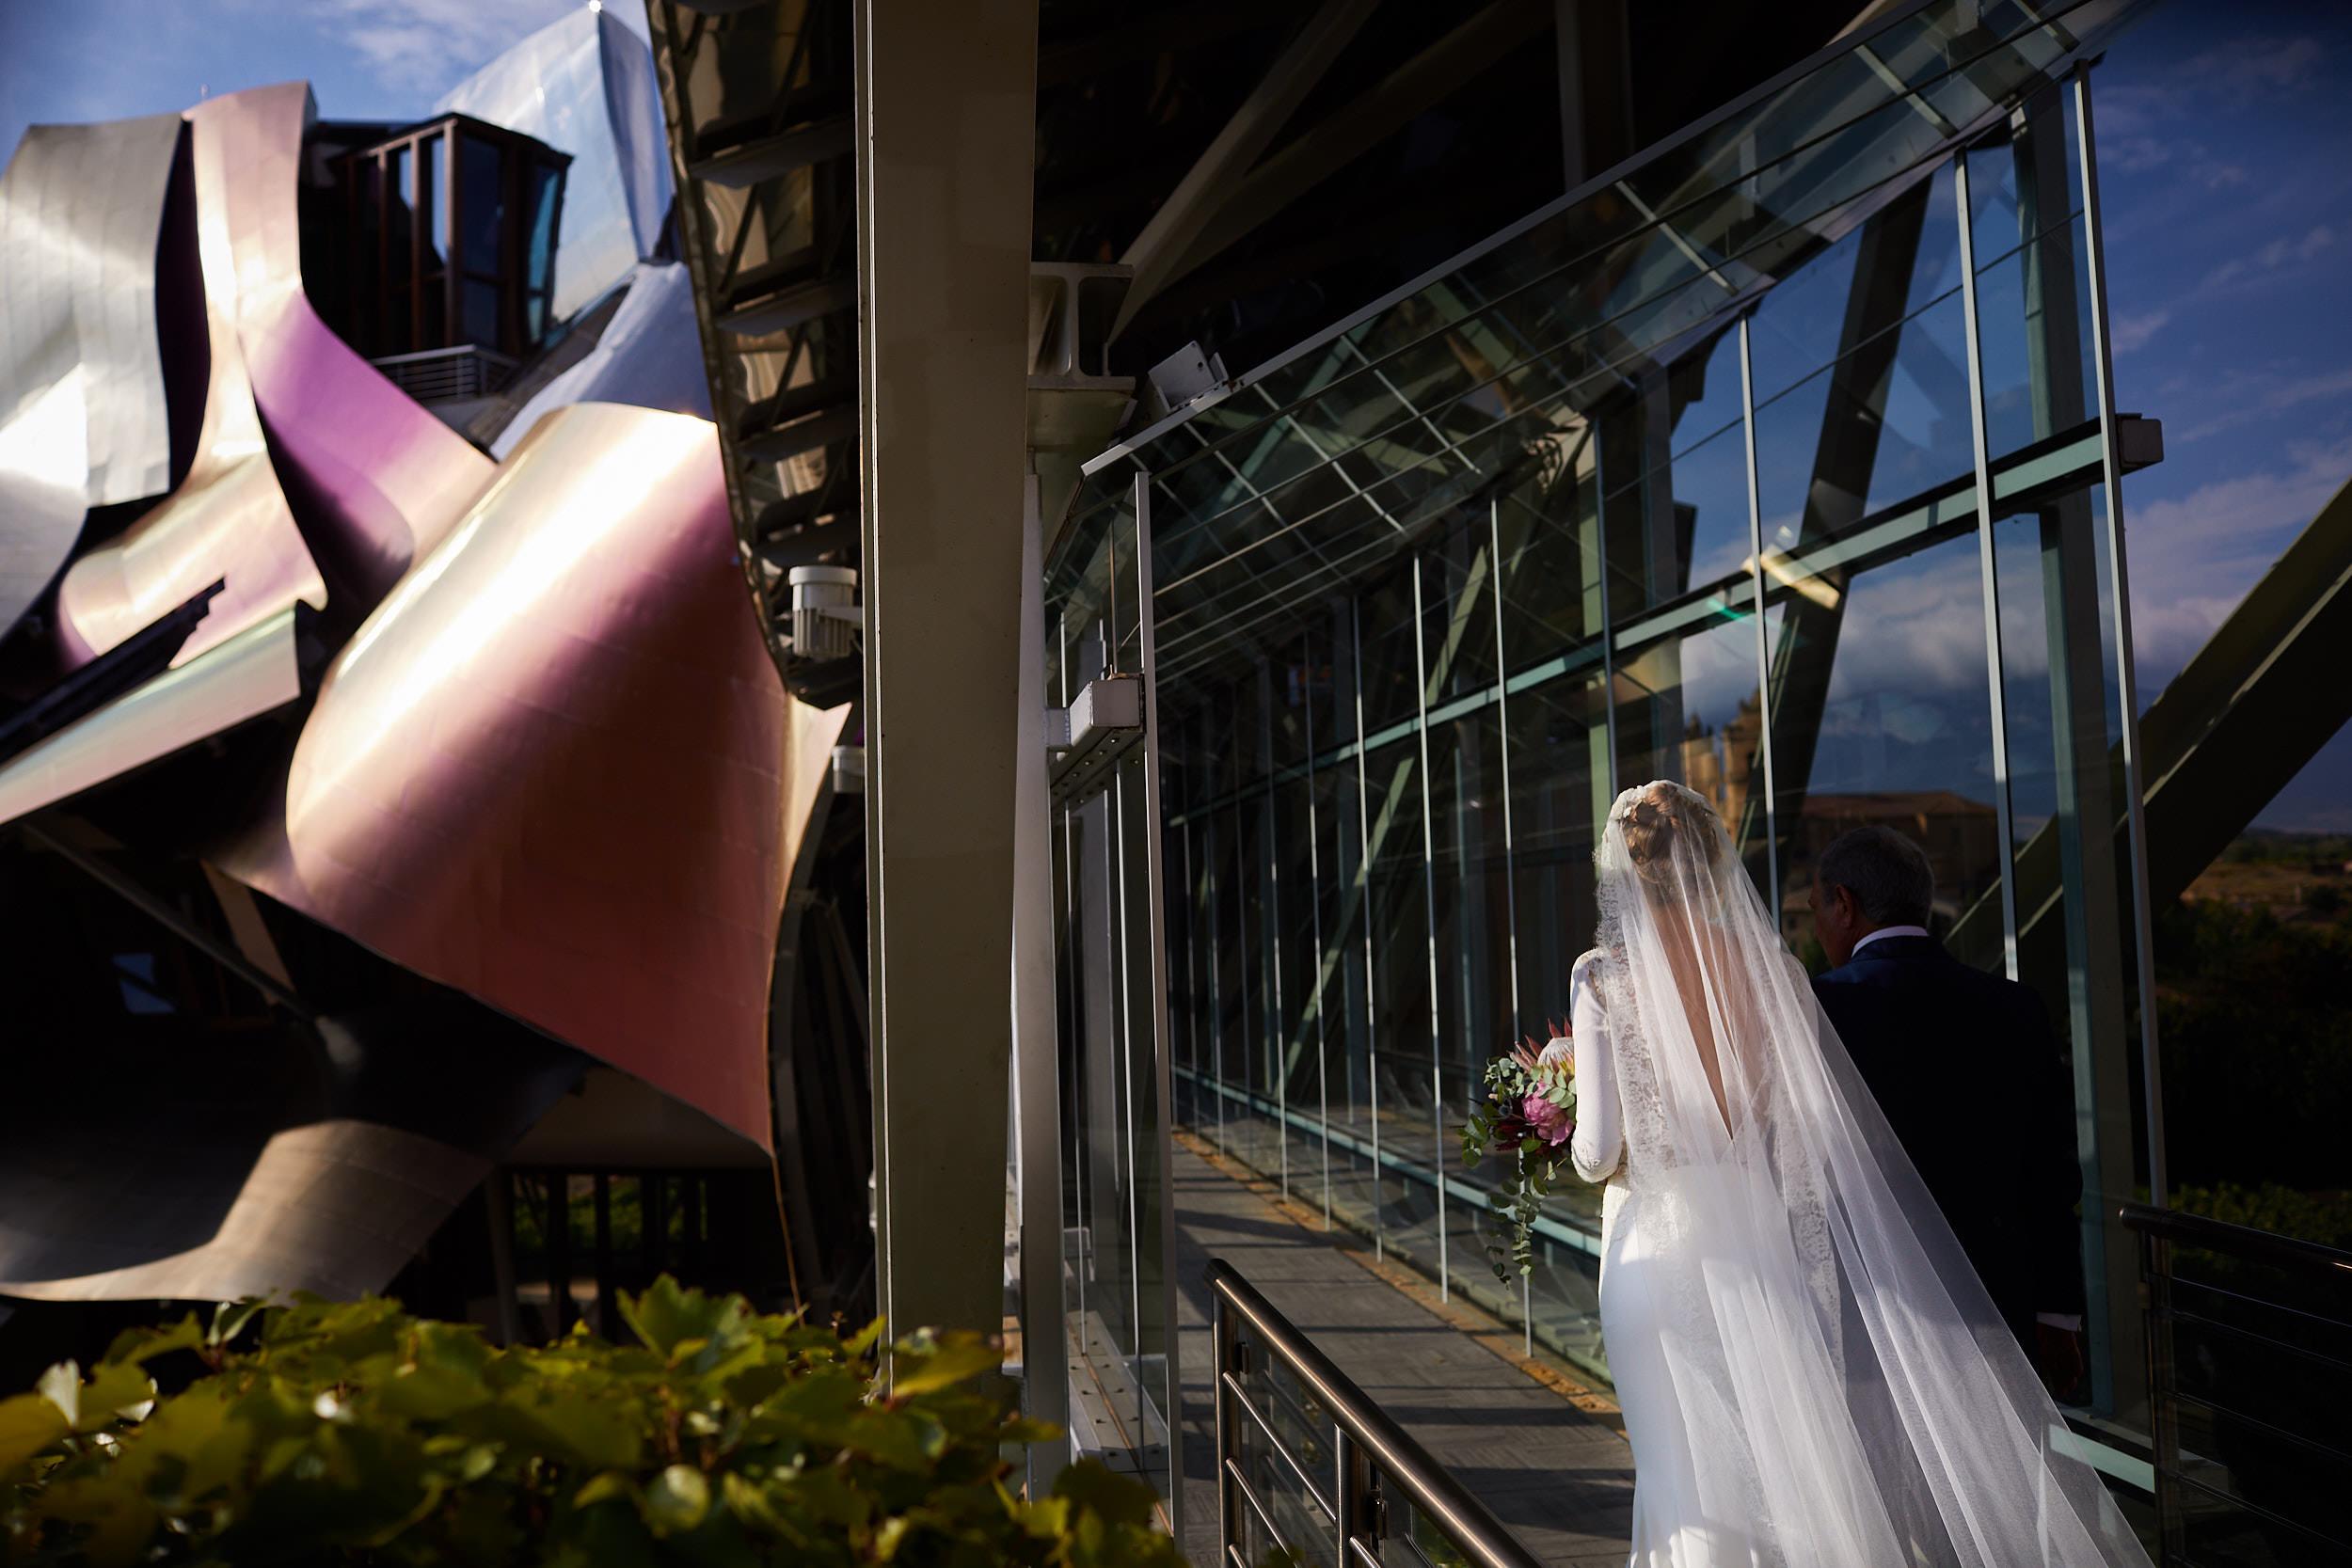 27/7/18 Laura & Aitor, Boda Hotel Marqués de Riscal, Elciego, Álava, País Vasco, España. Photo by James Sturcke | sturcke.org